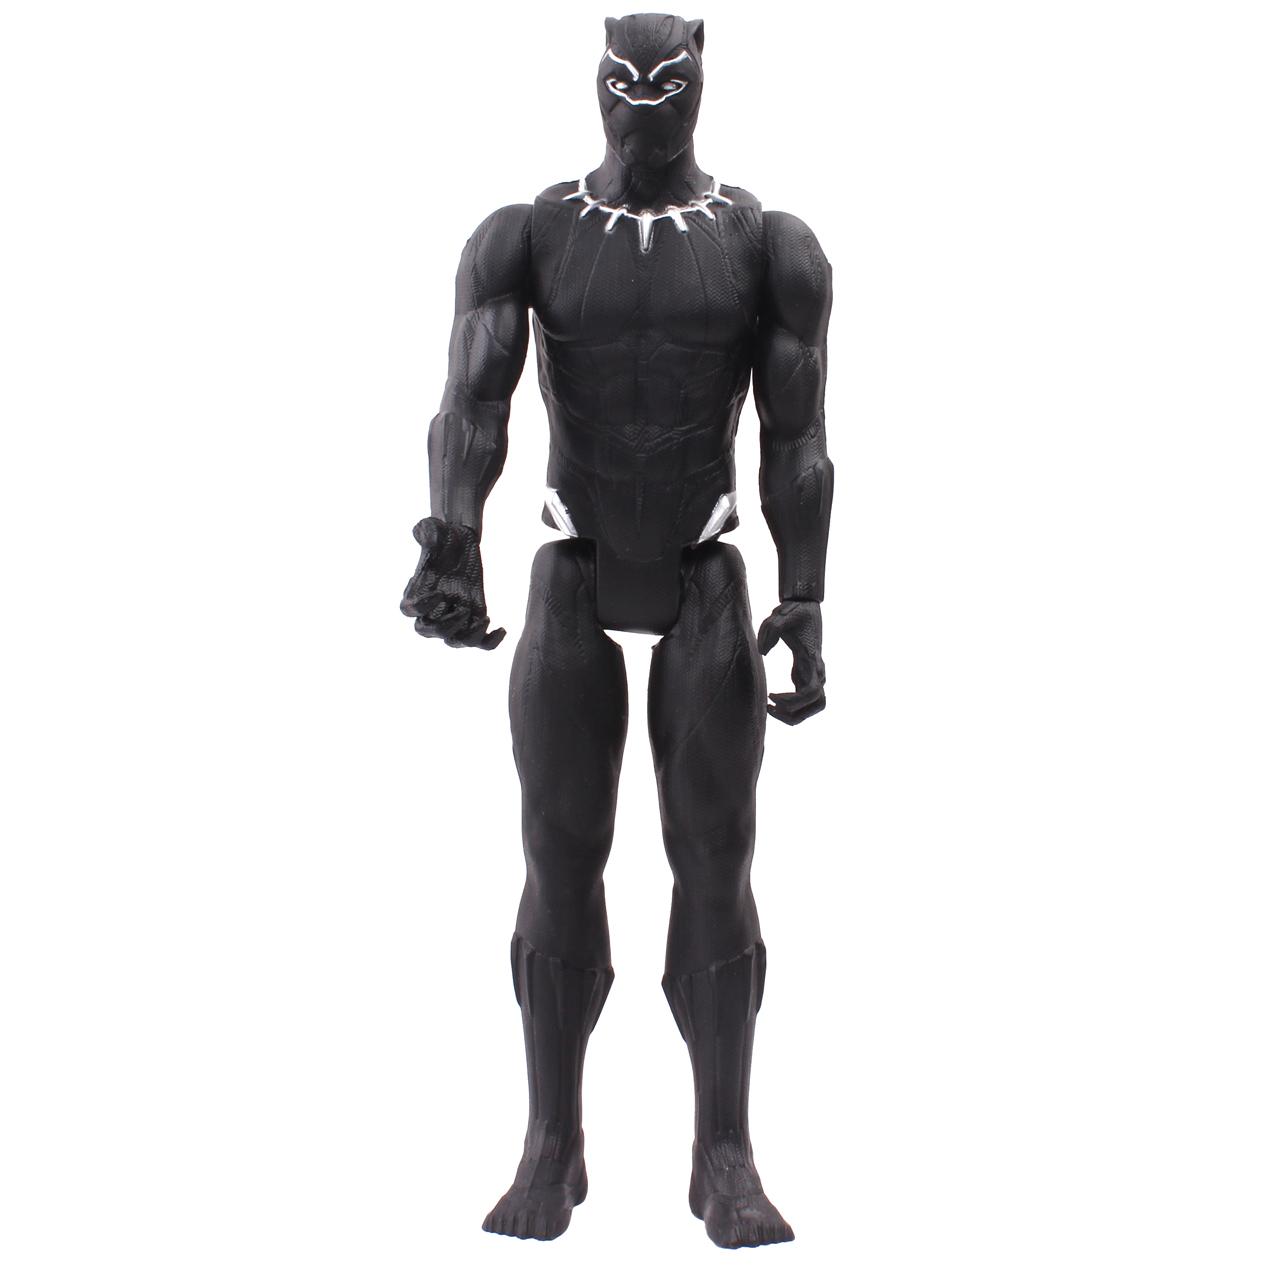 اکشن فیگور هاسبرو طرح Black Panther